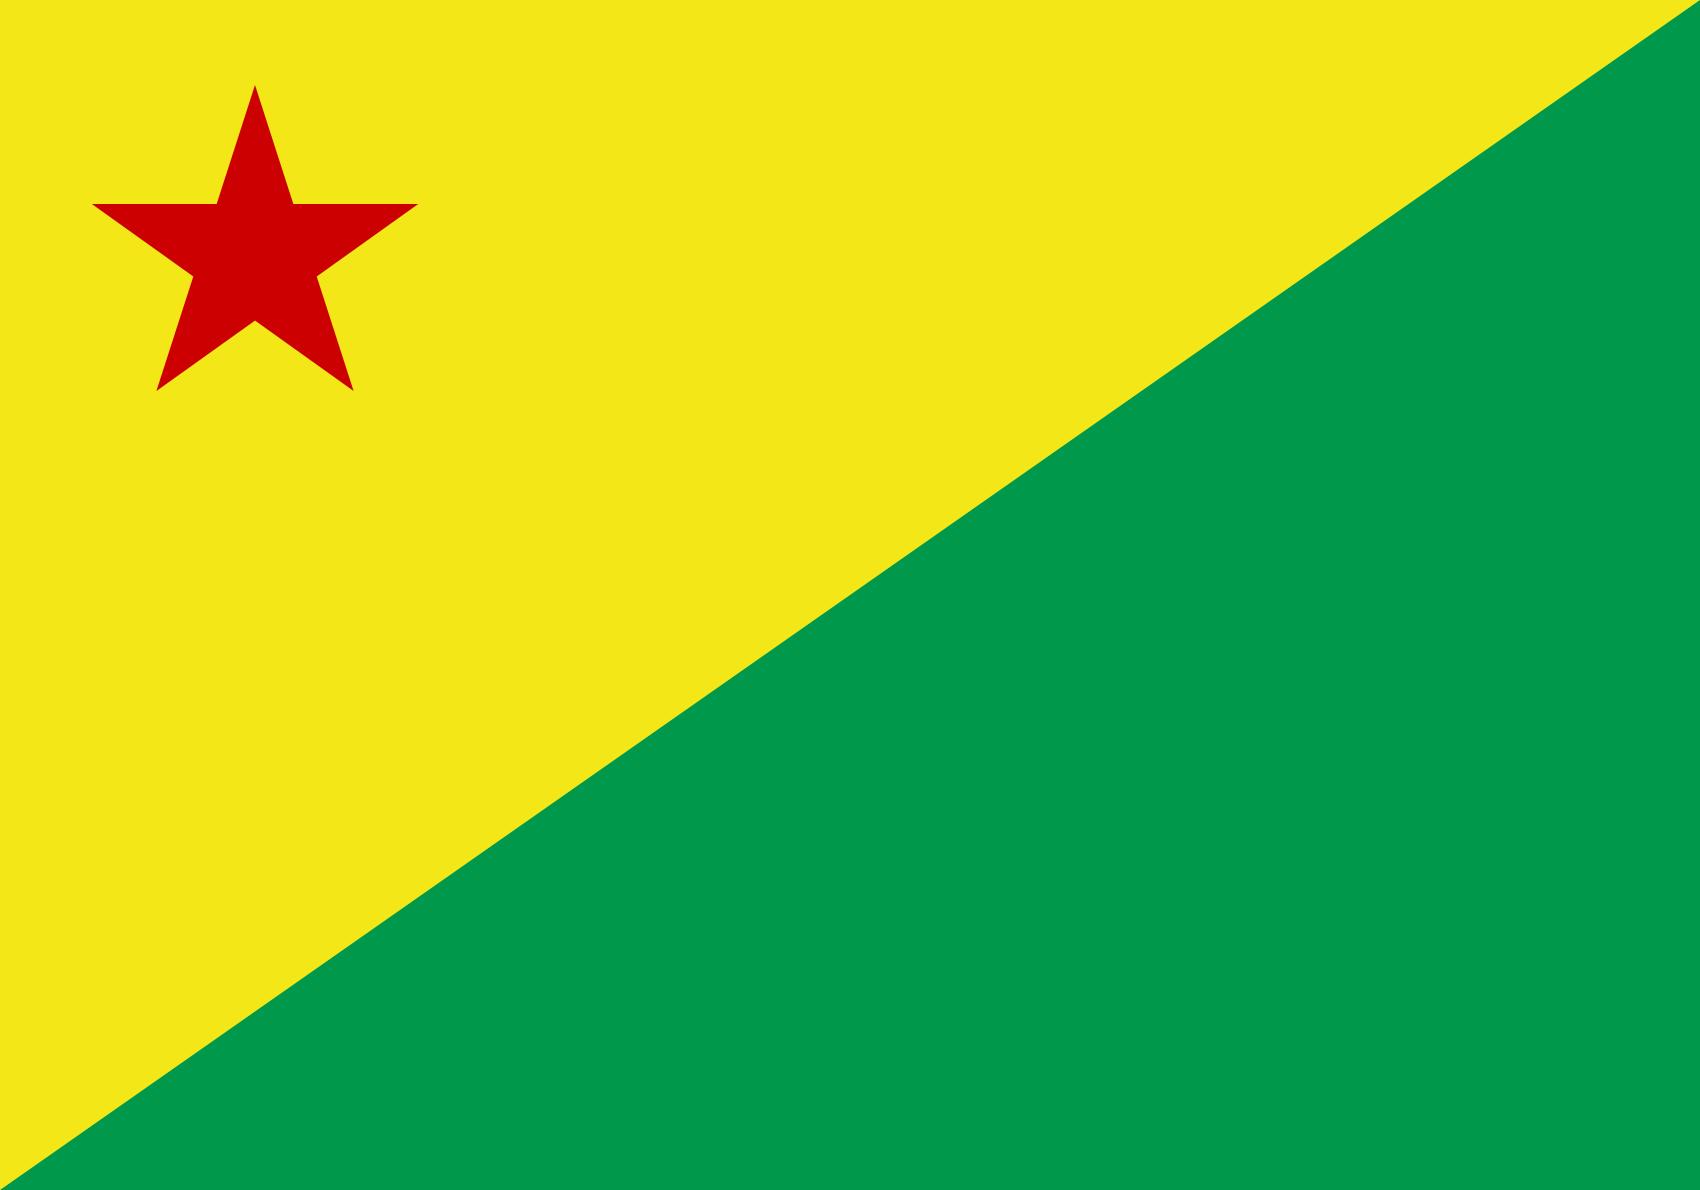 bandeira-do-acre-estado-2